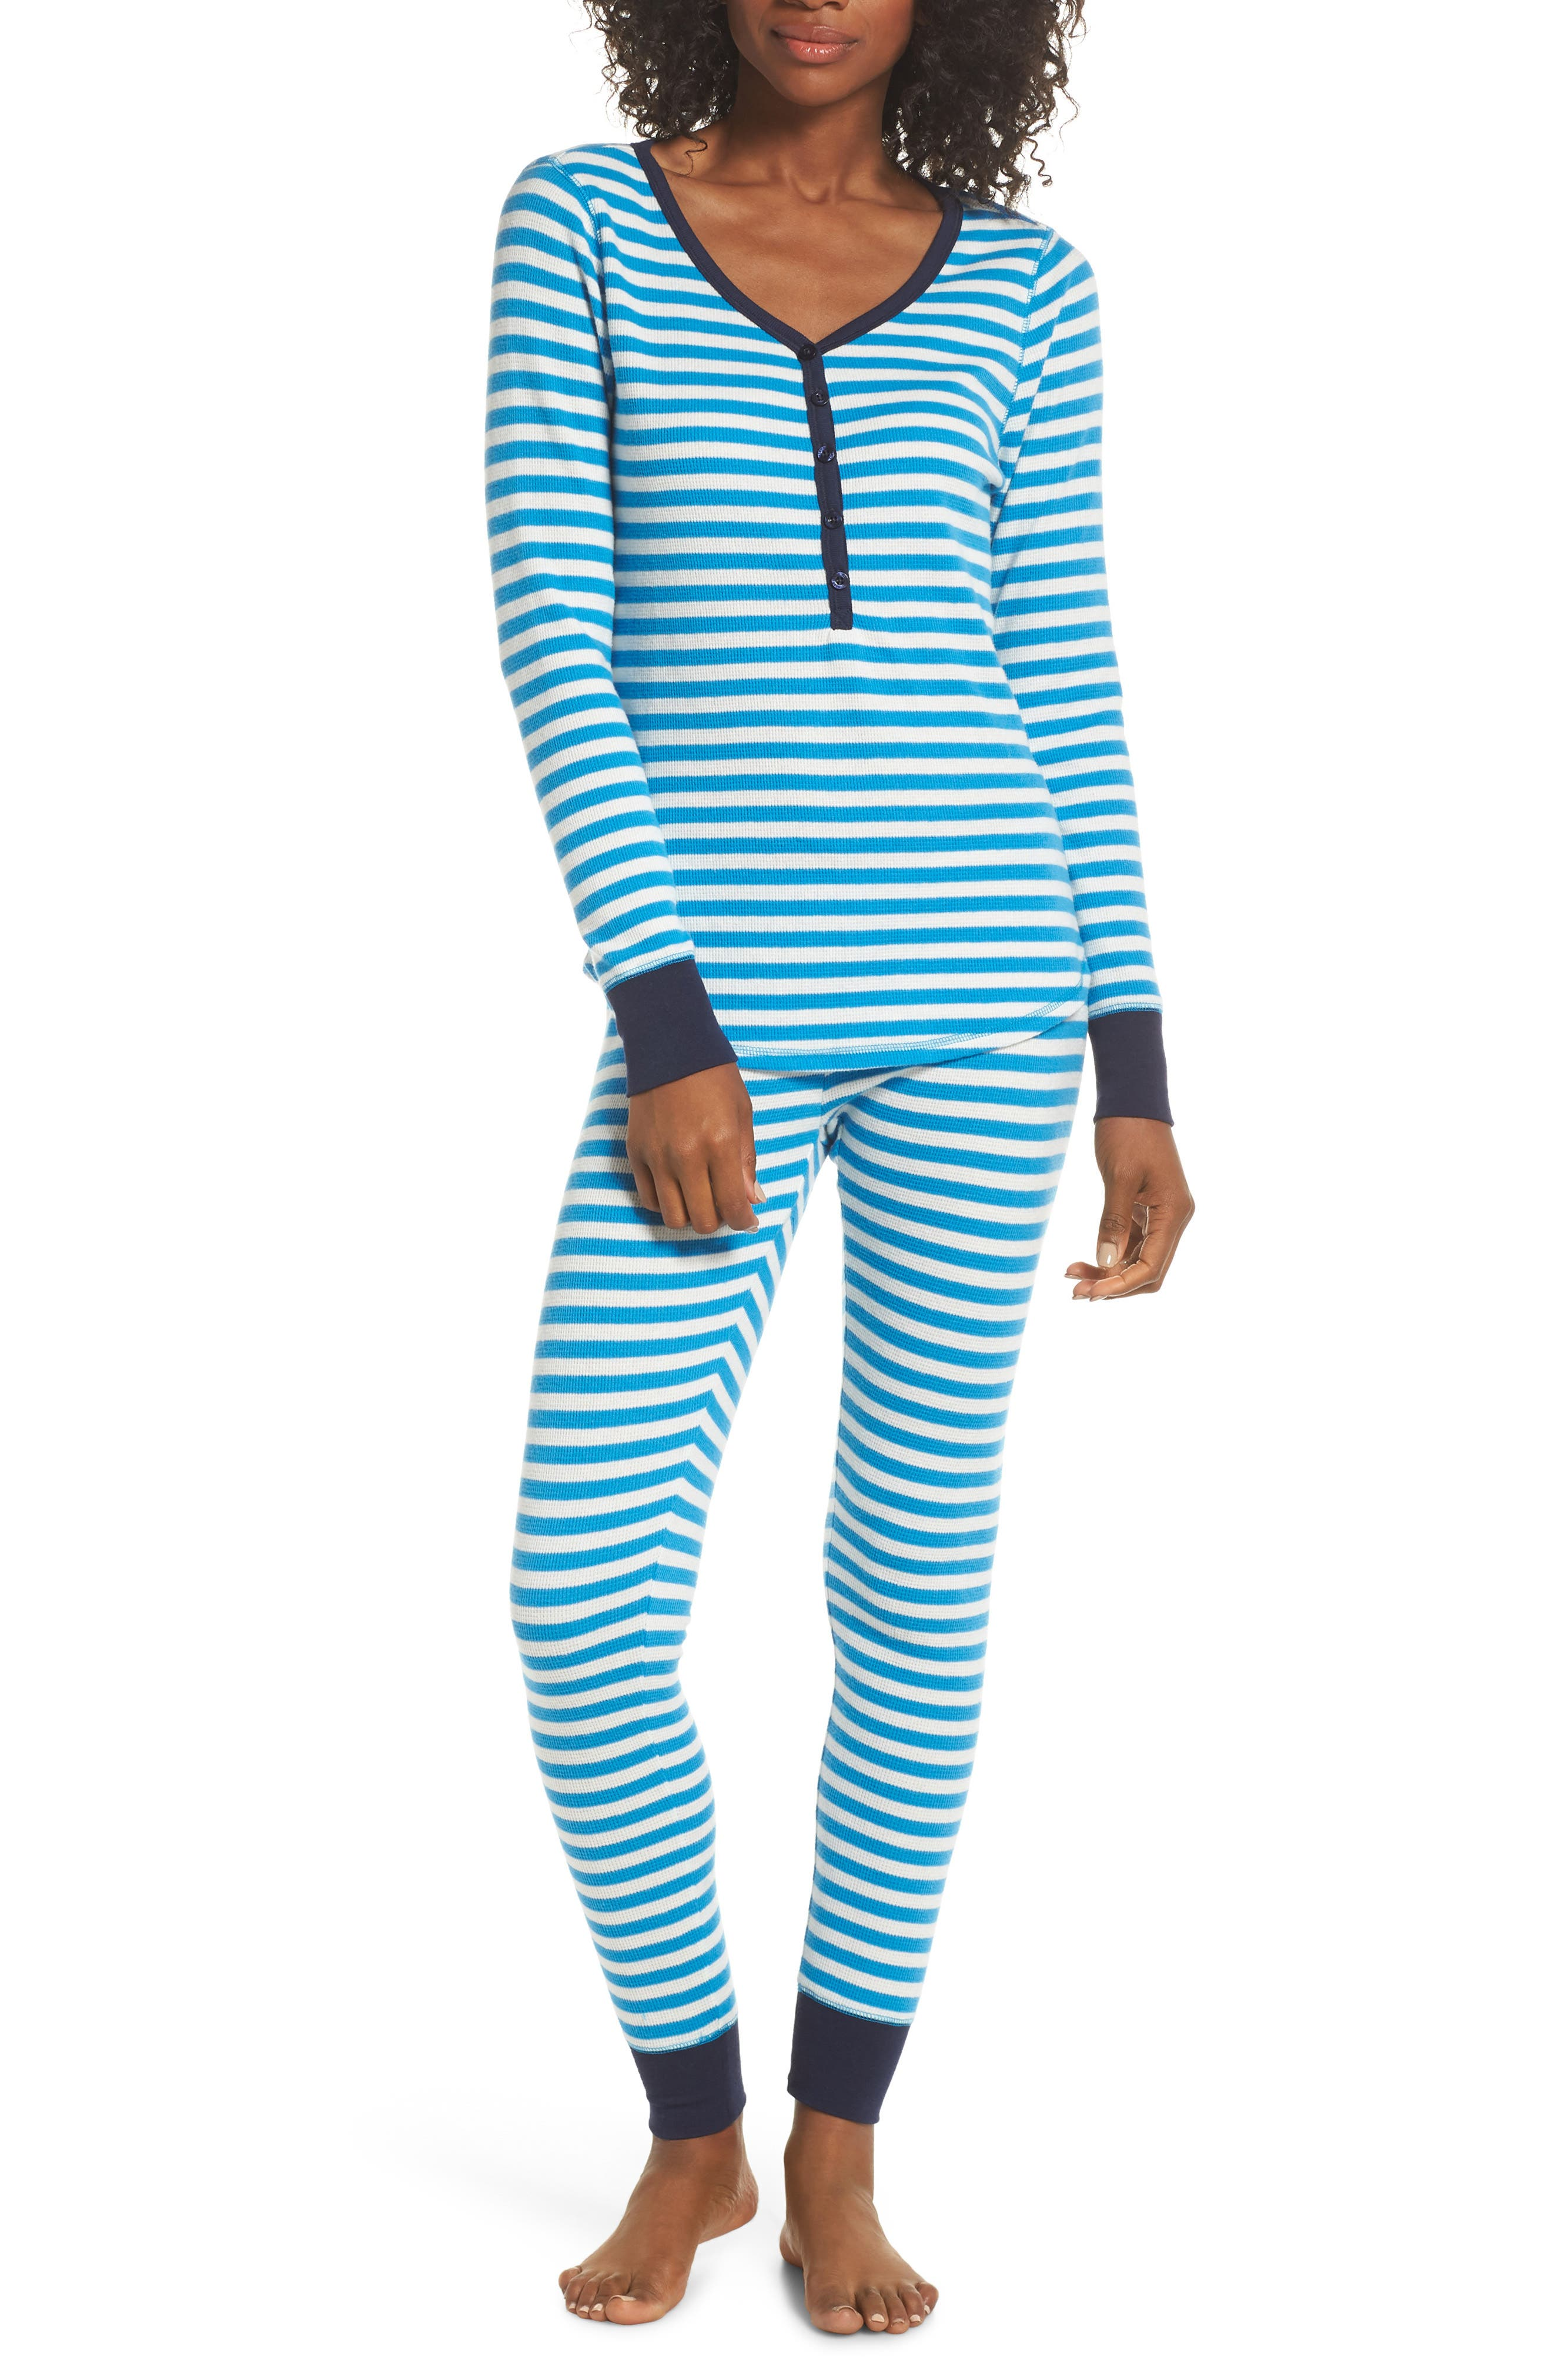 Nordstrom Lingerie Sleepyhead Thermal Pajamas, Blue